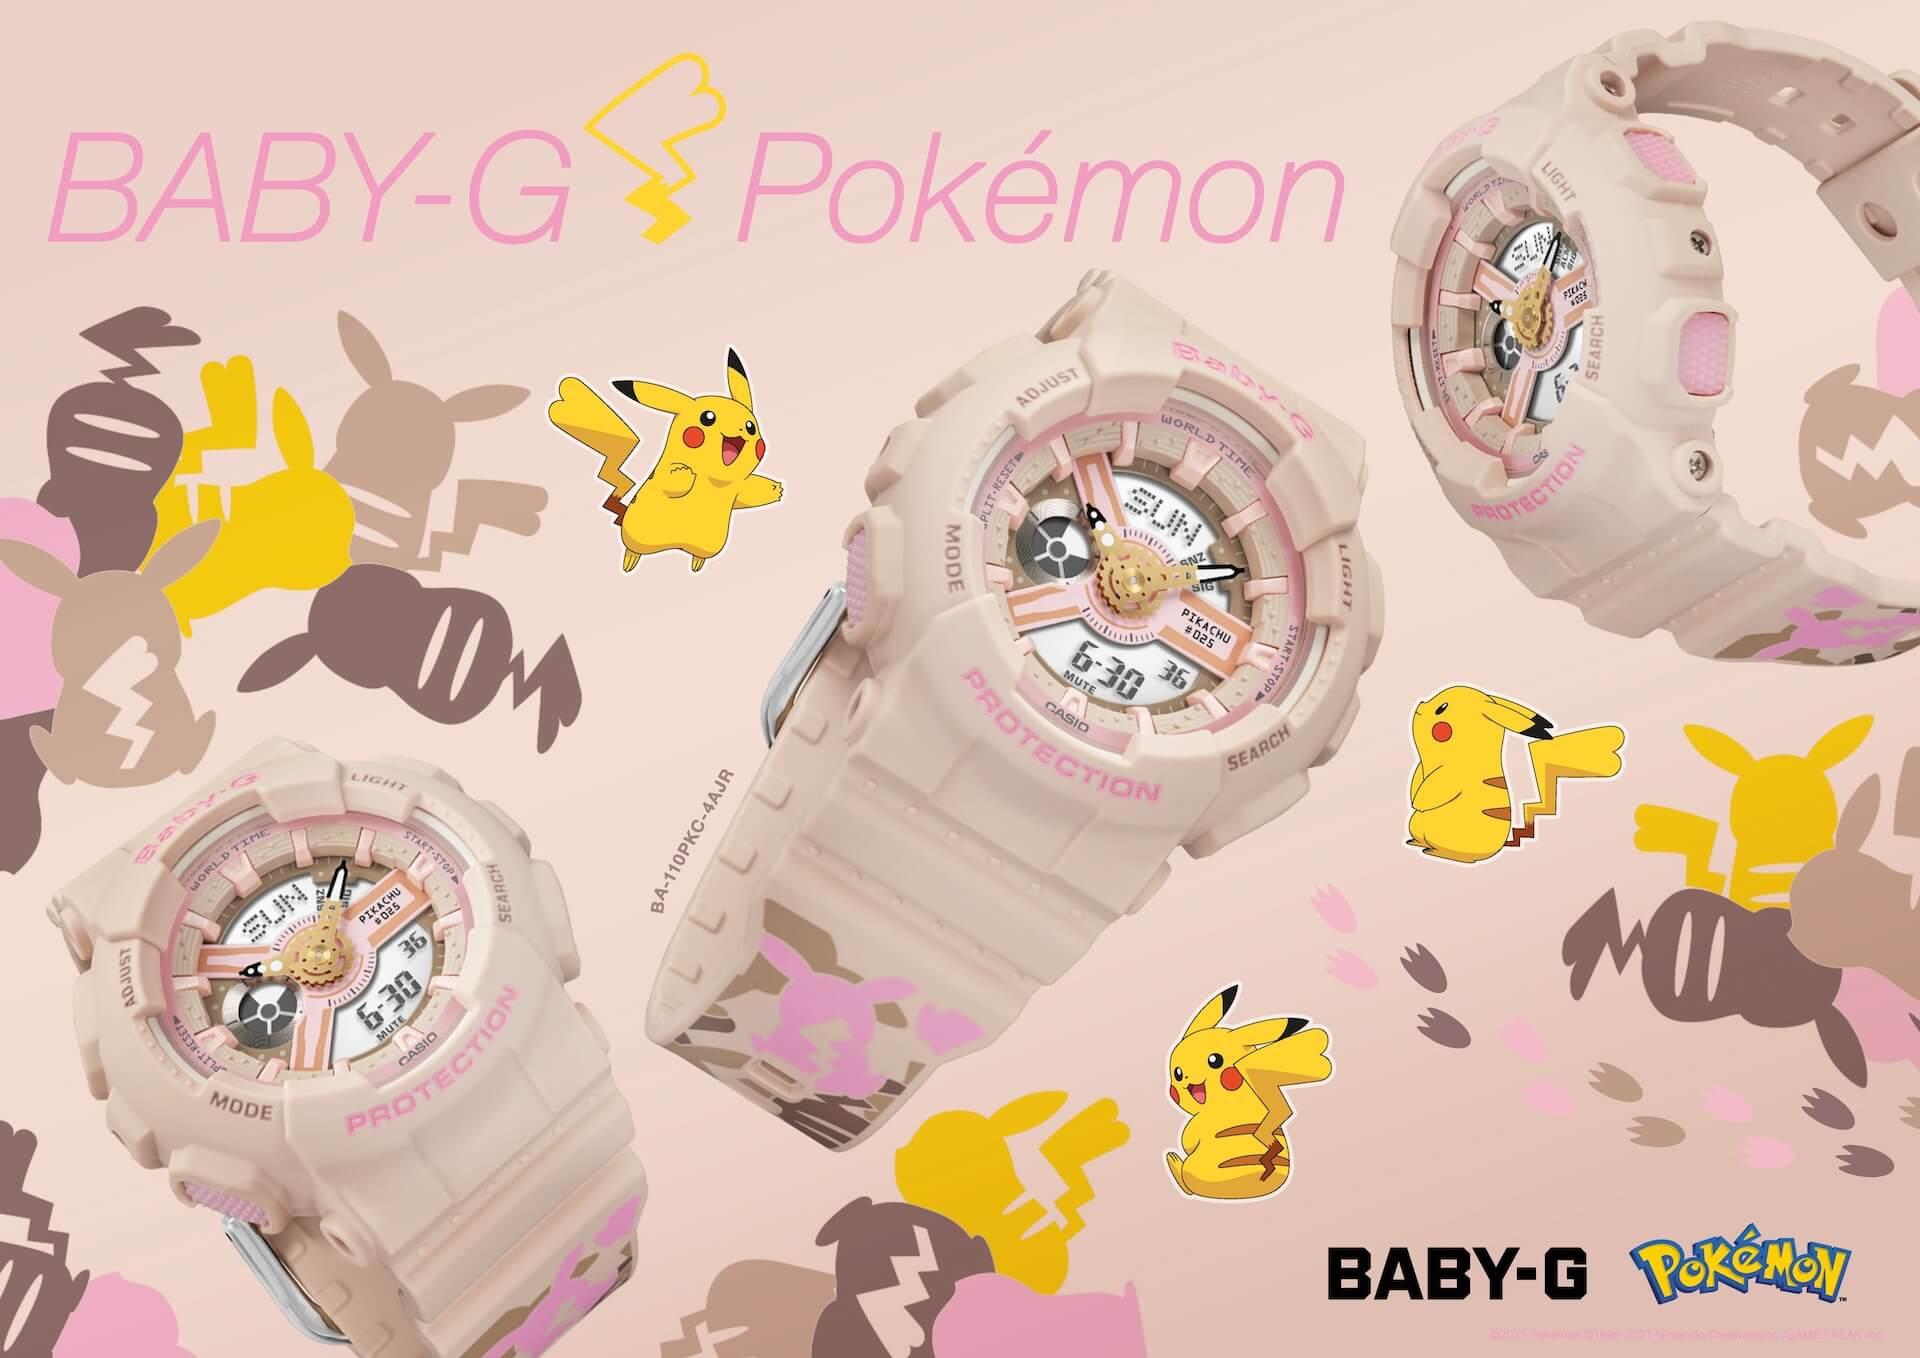 『ポケモン』ピカチュウとBABY-Gのコラボ第2弾が実現!アウトドアをテーマにしたアナデジコンビモデルが登場 life210120_babyg_pokemon_8